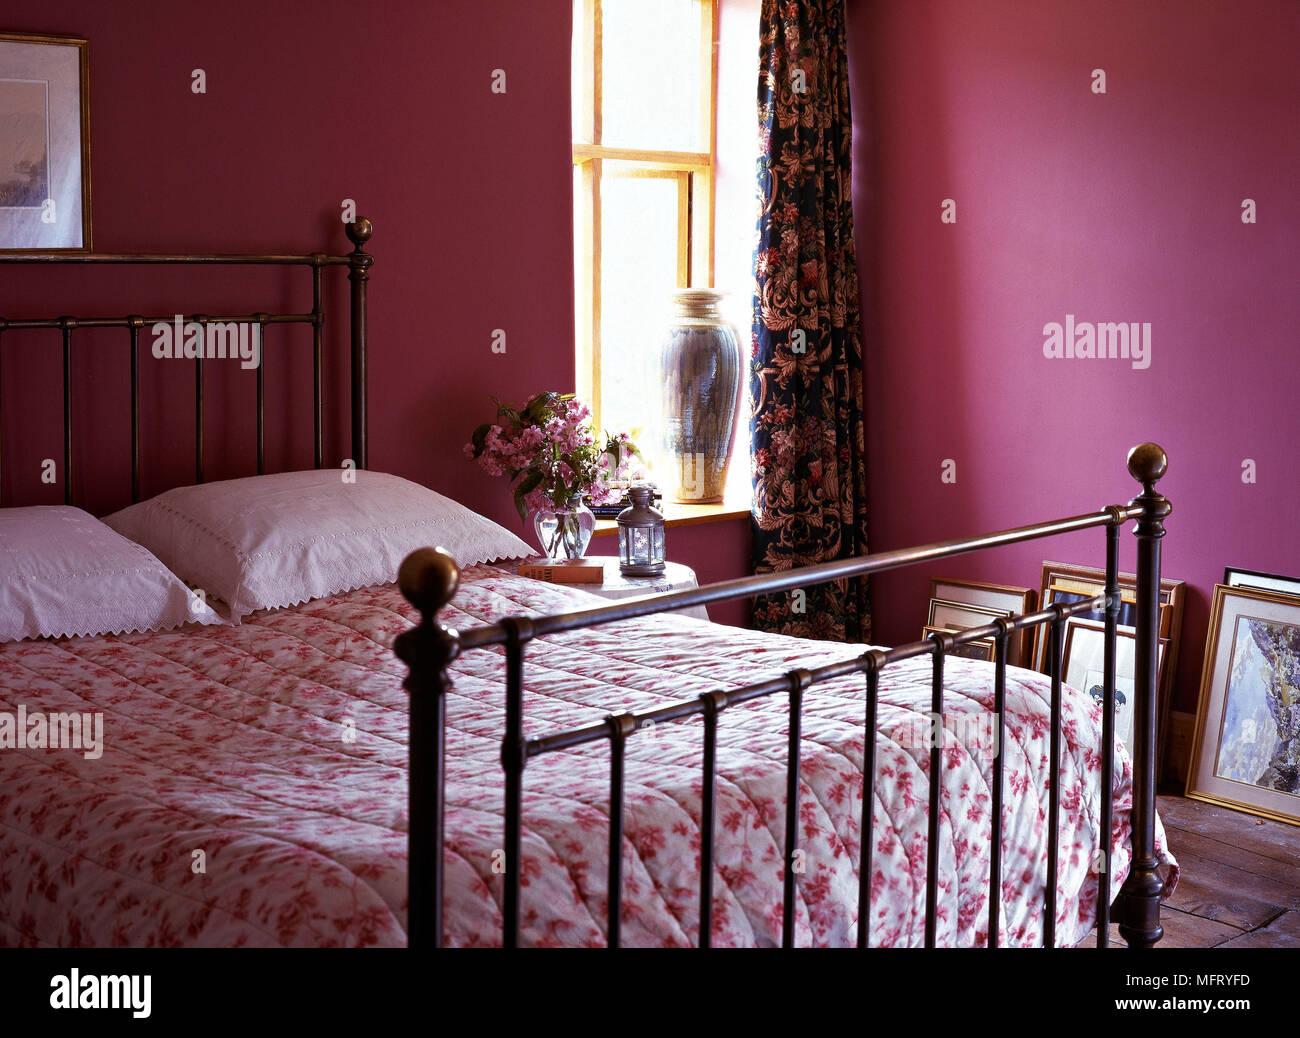 Camera Da Letto Rosa E Viola : Lucido verniciato di colore viola camera da letto letto in ferro